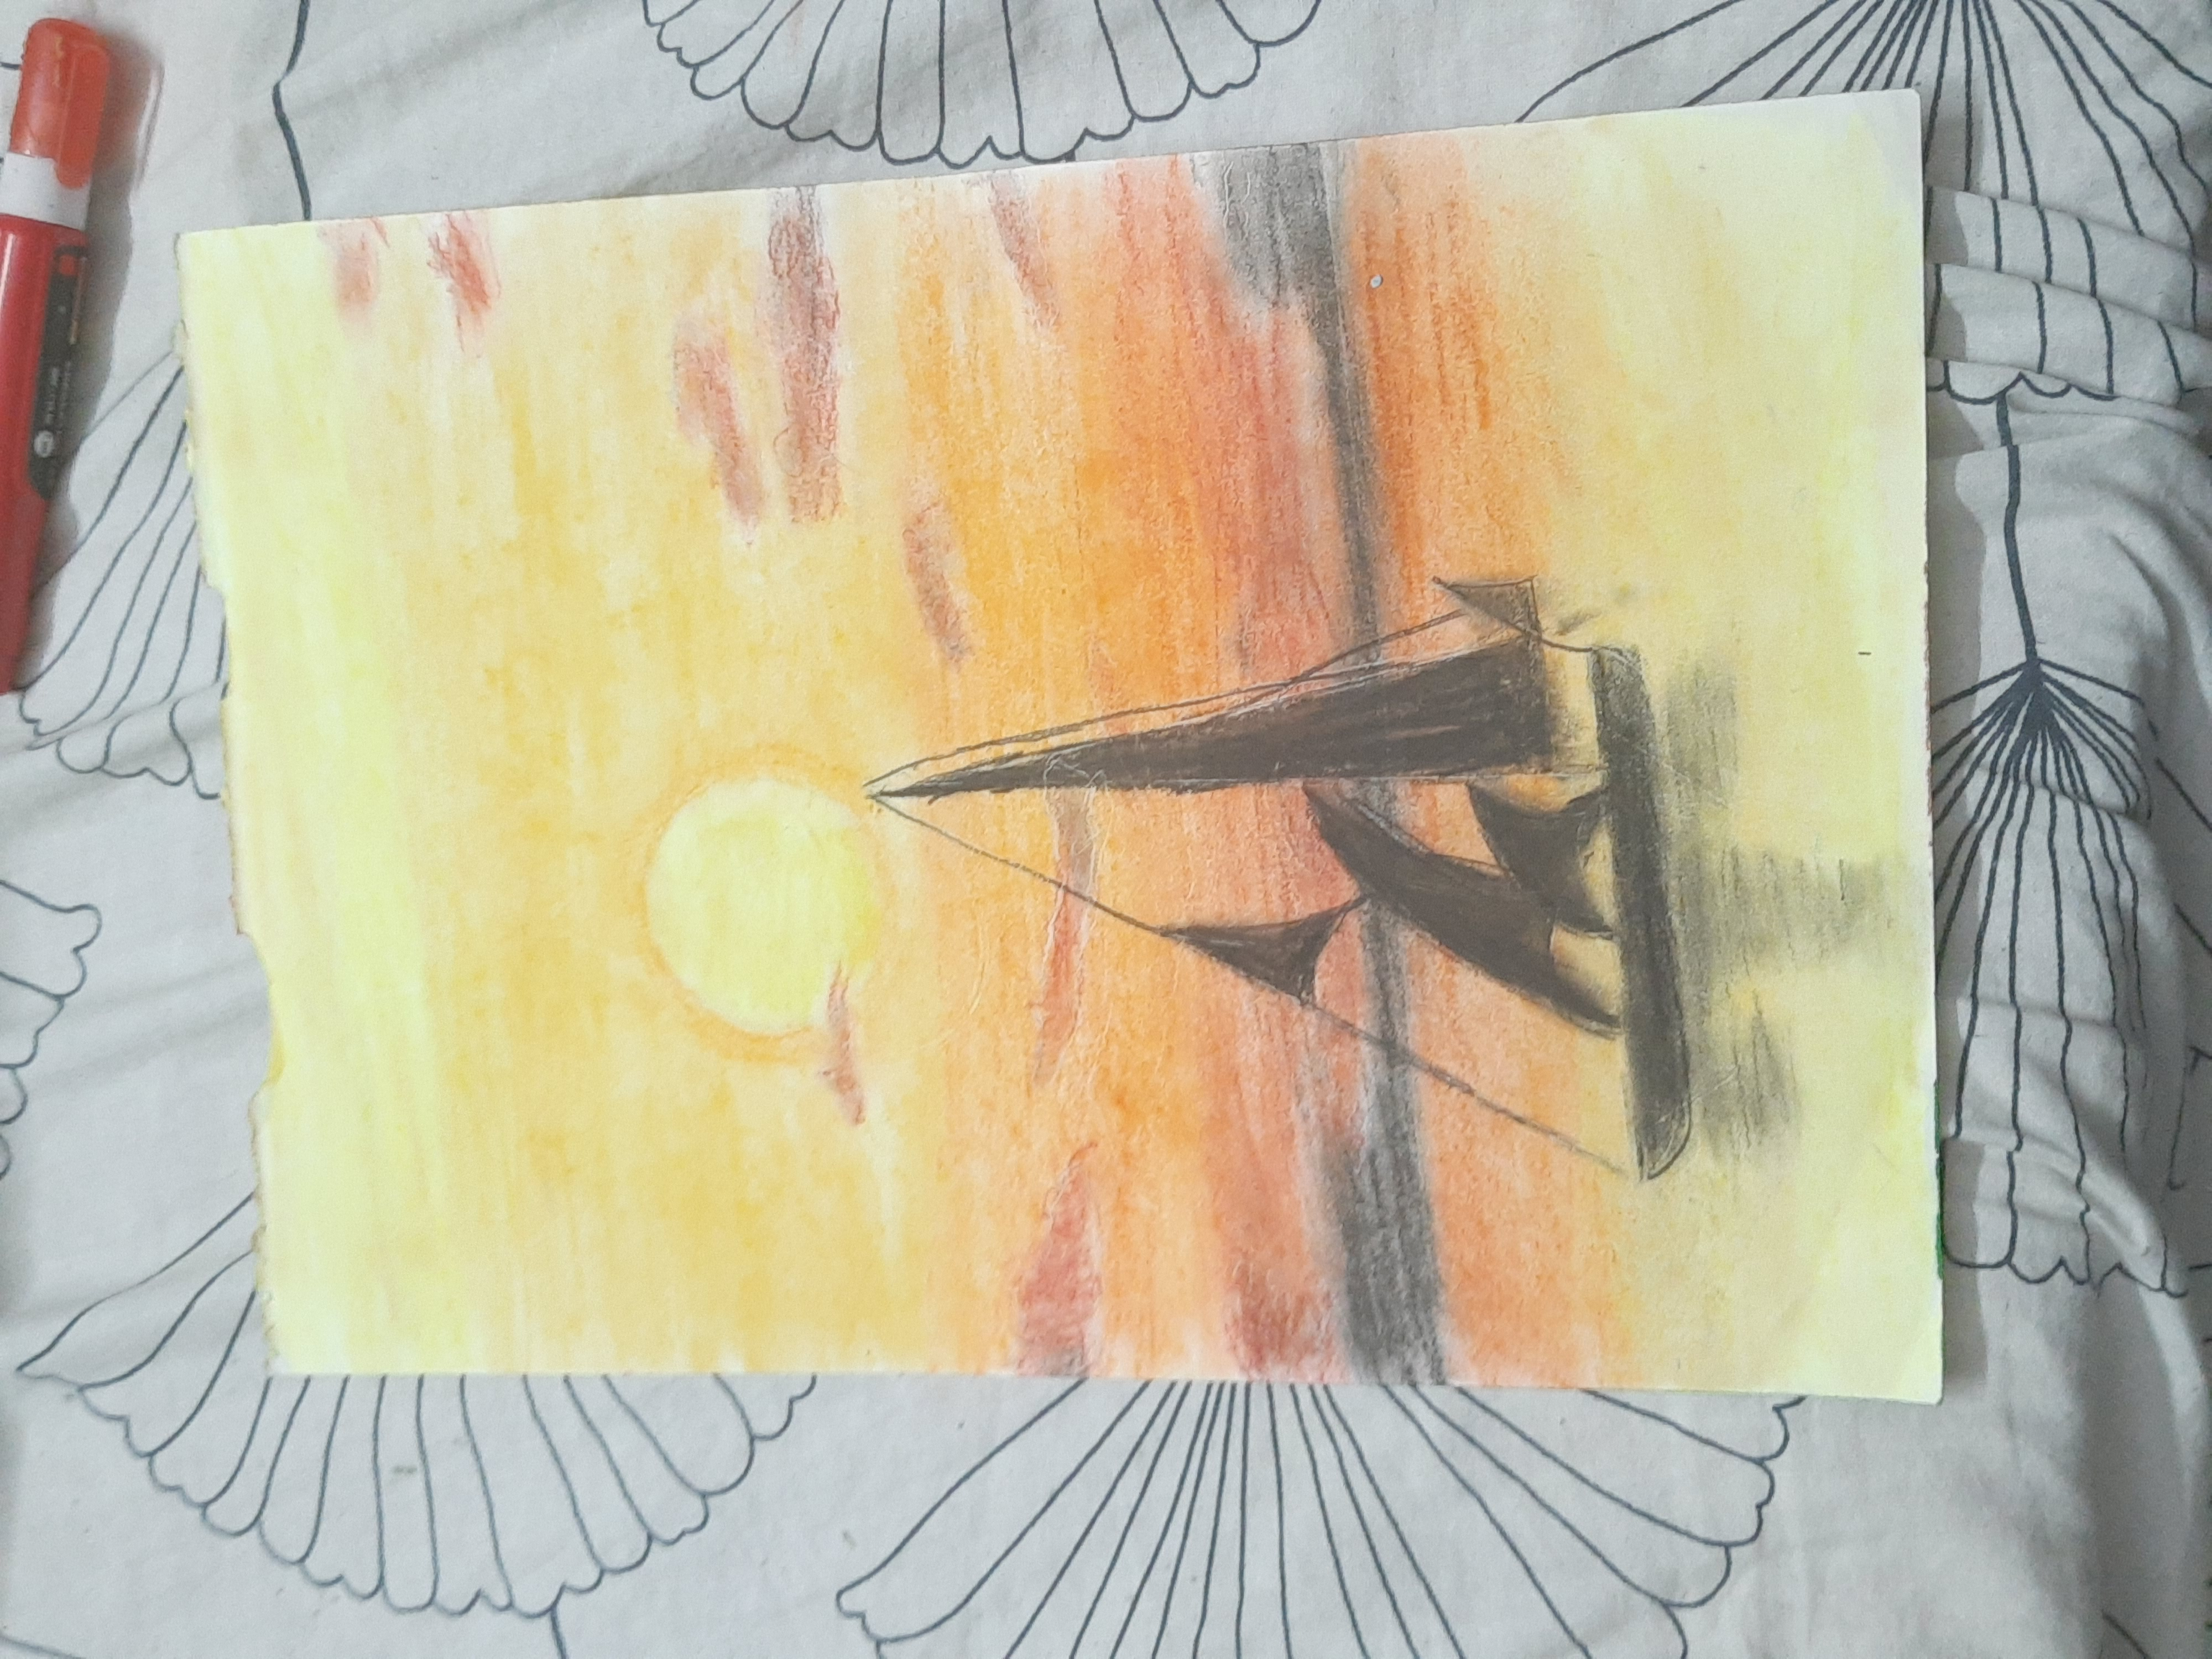 Pastel Color Scenary by Arush Das